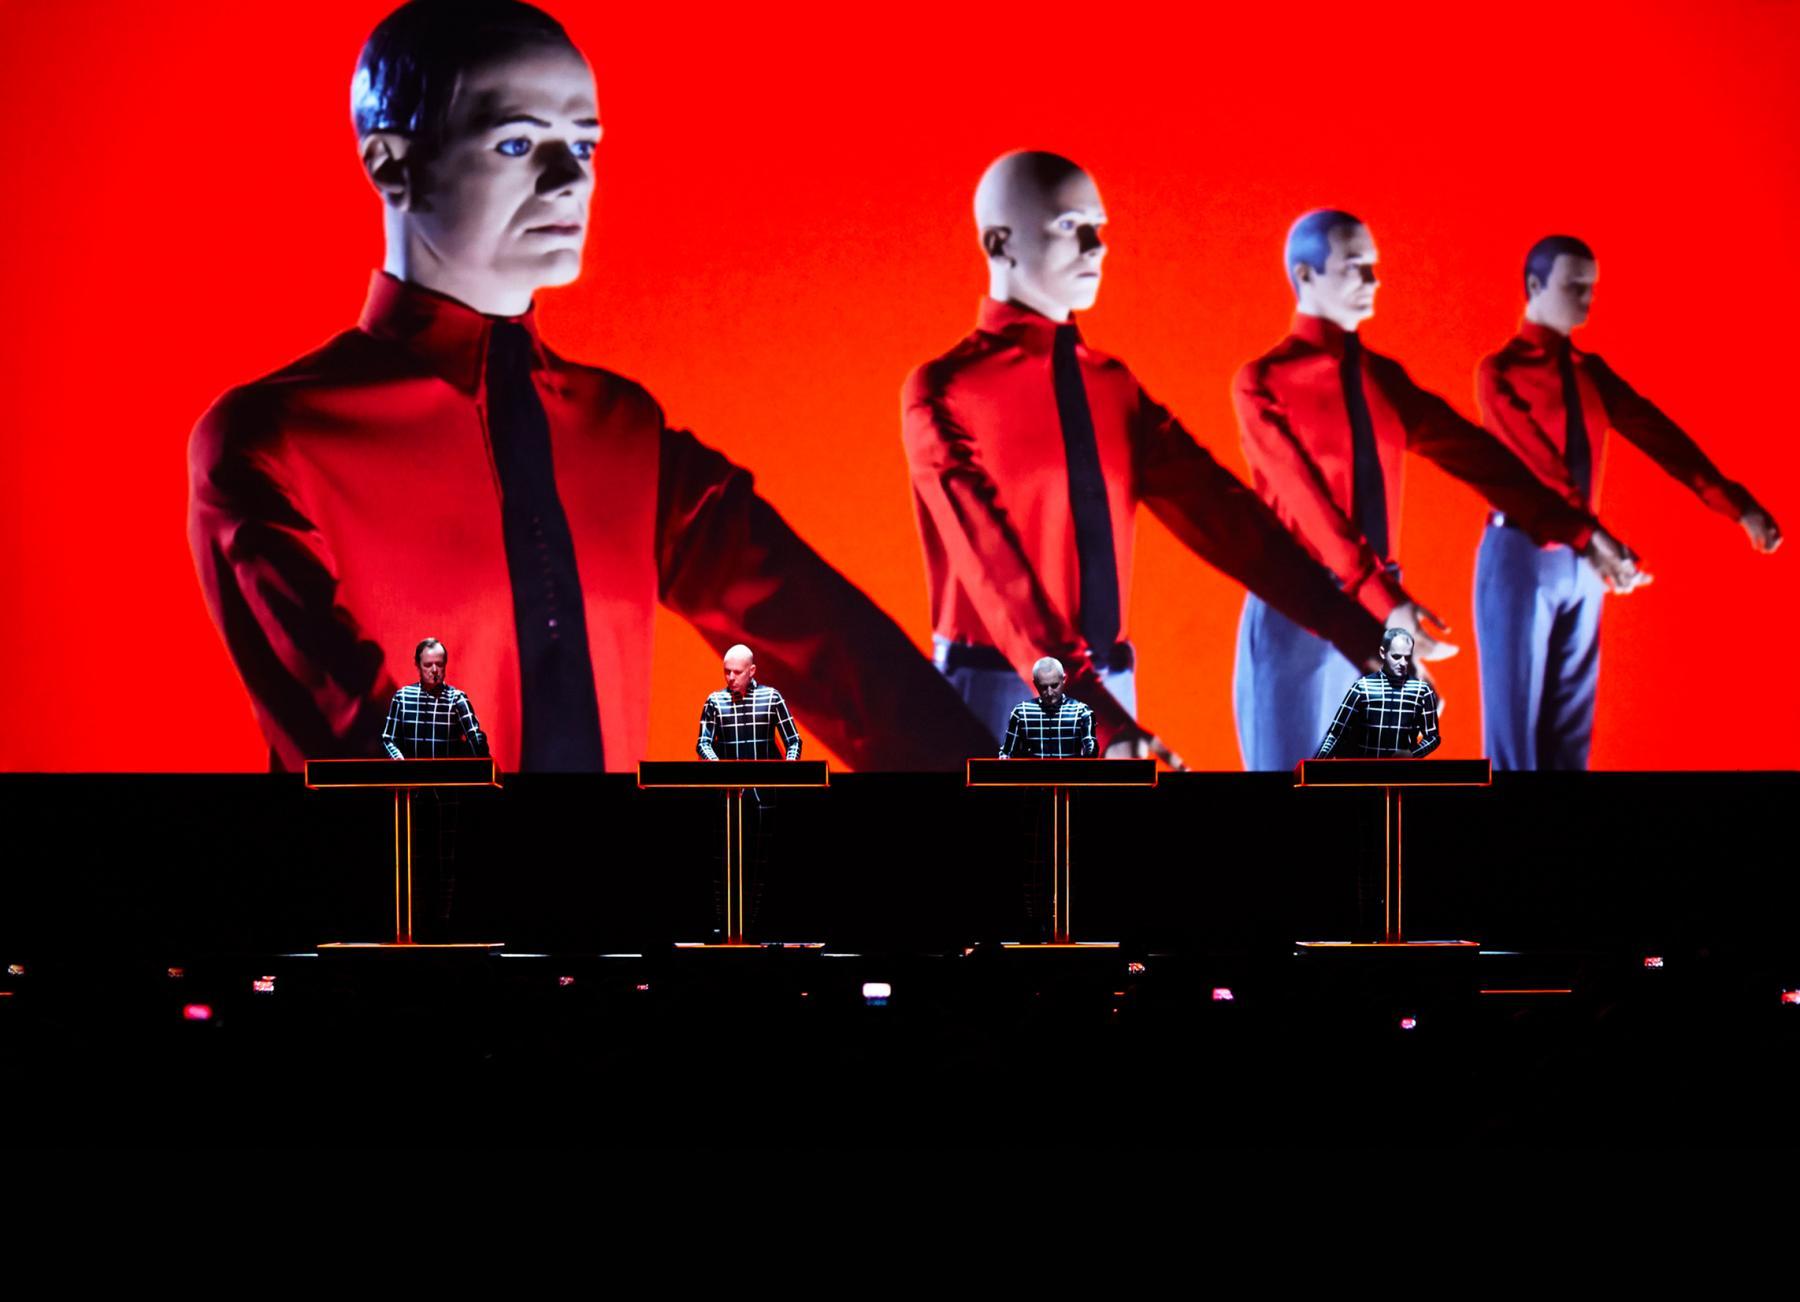 Kraftwerk Backgrounds on Wallpapers Vista